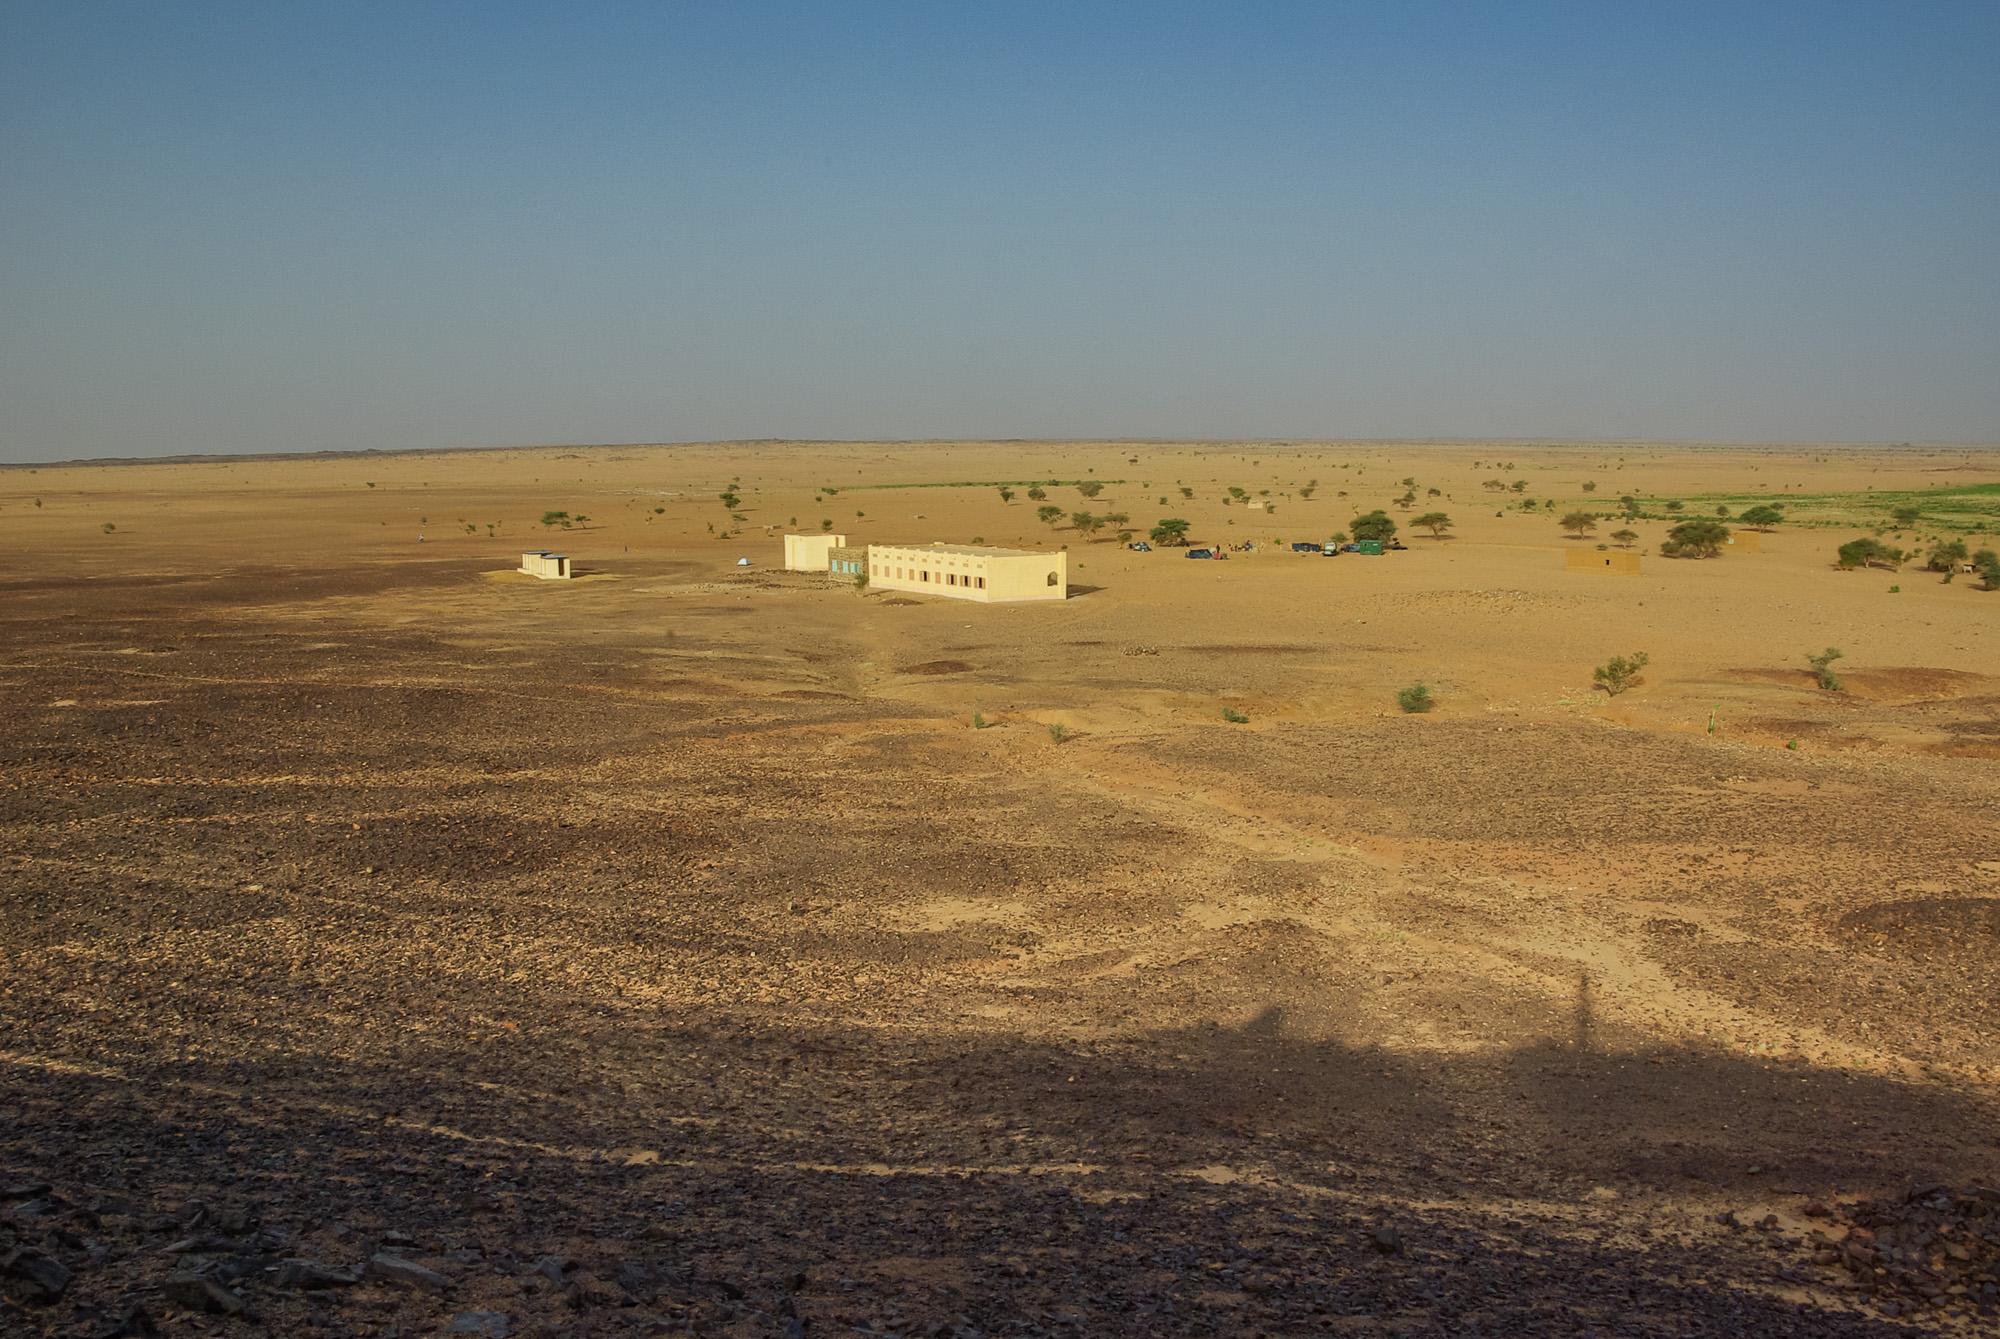 Tamtailalt - Ecole du desert - Mali-6